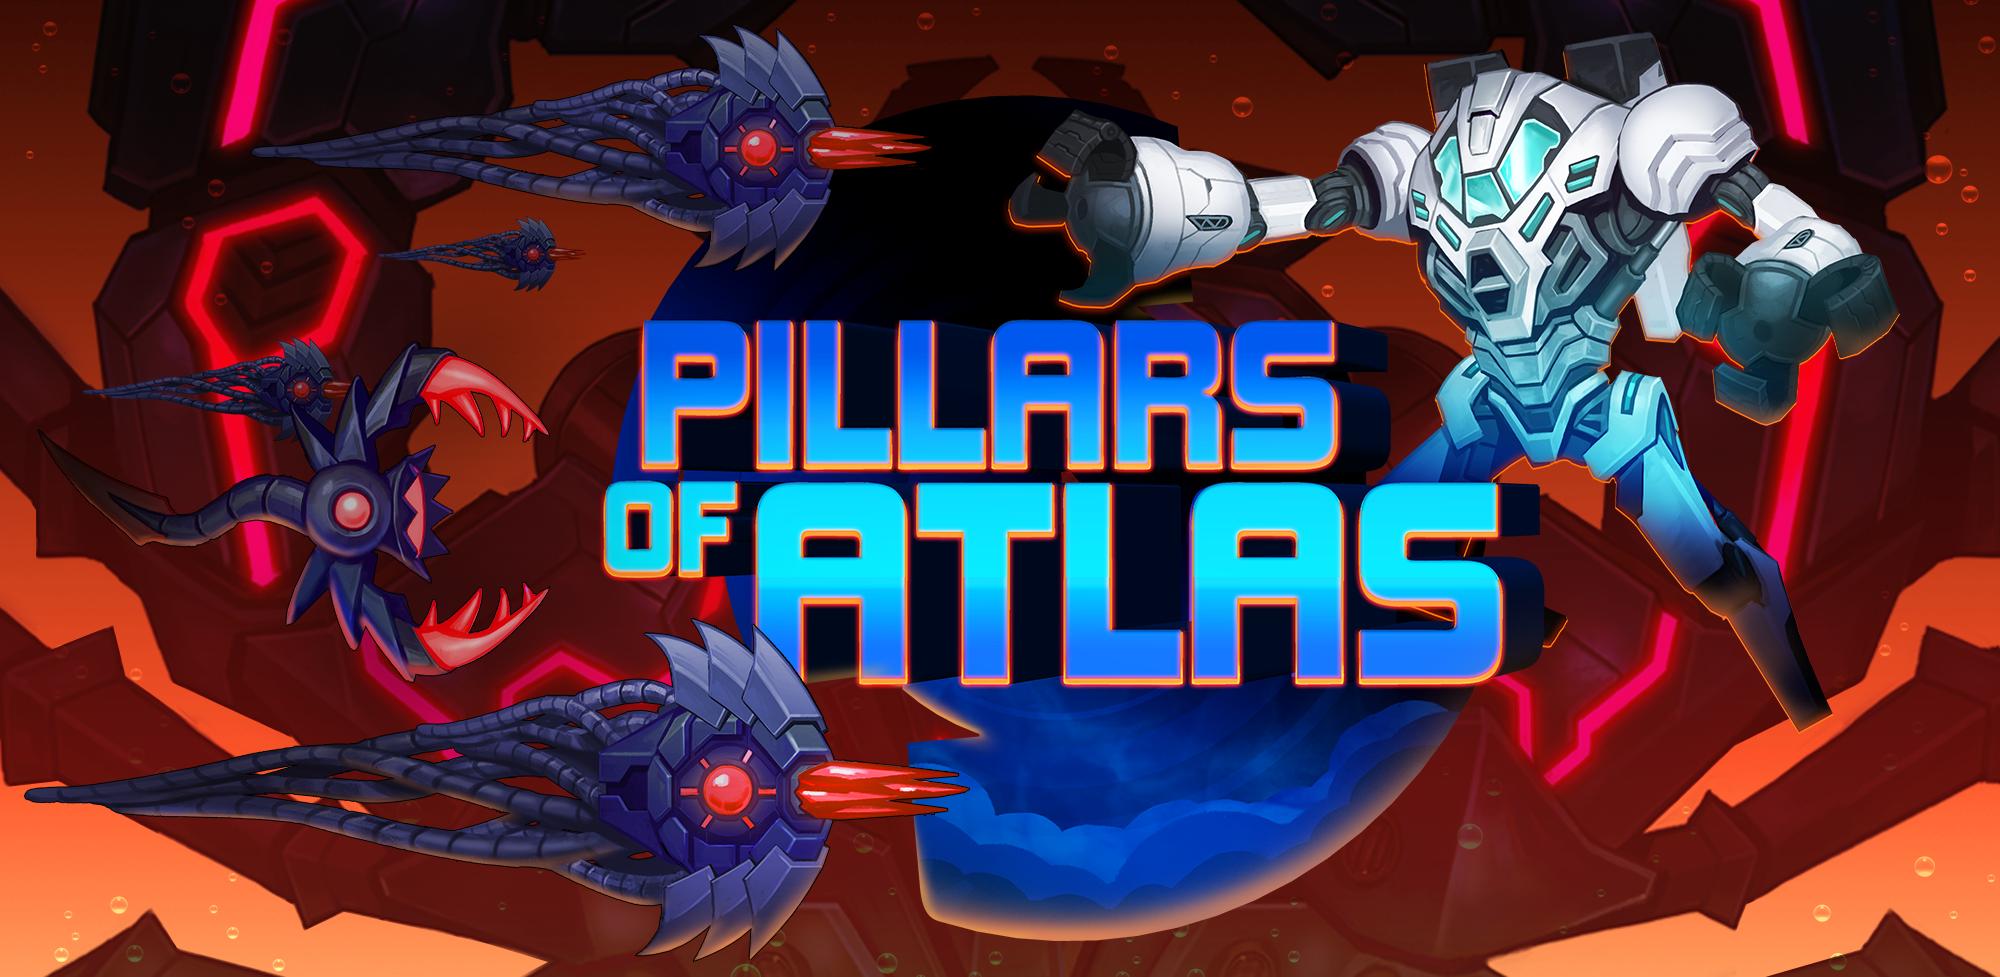 Pillars of Atlas